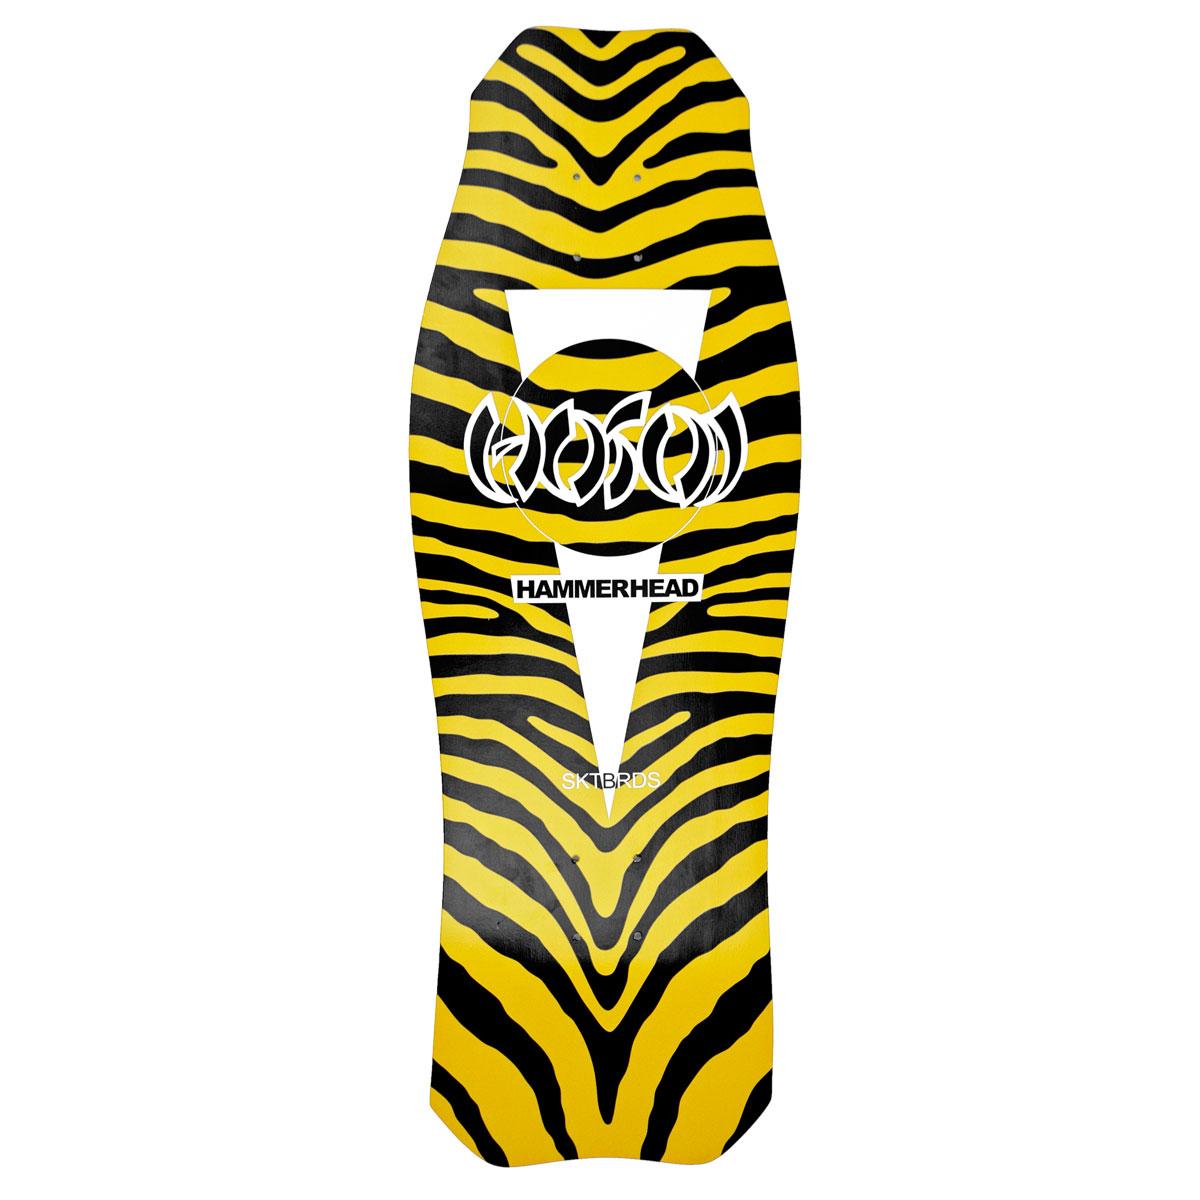 OG-Hammerhead-Yellow-Zebra-Bottom.jpg